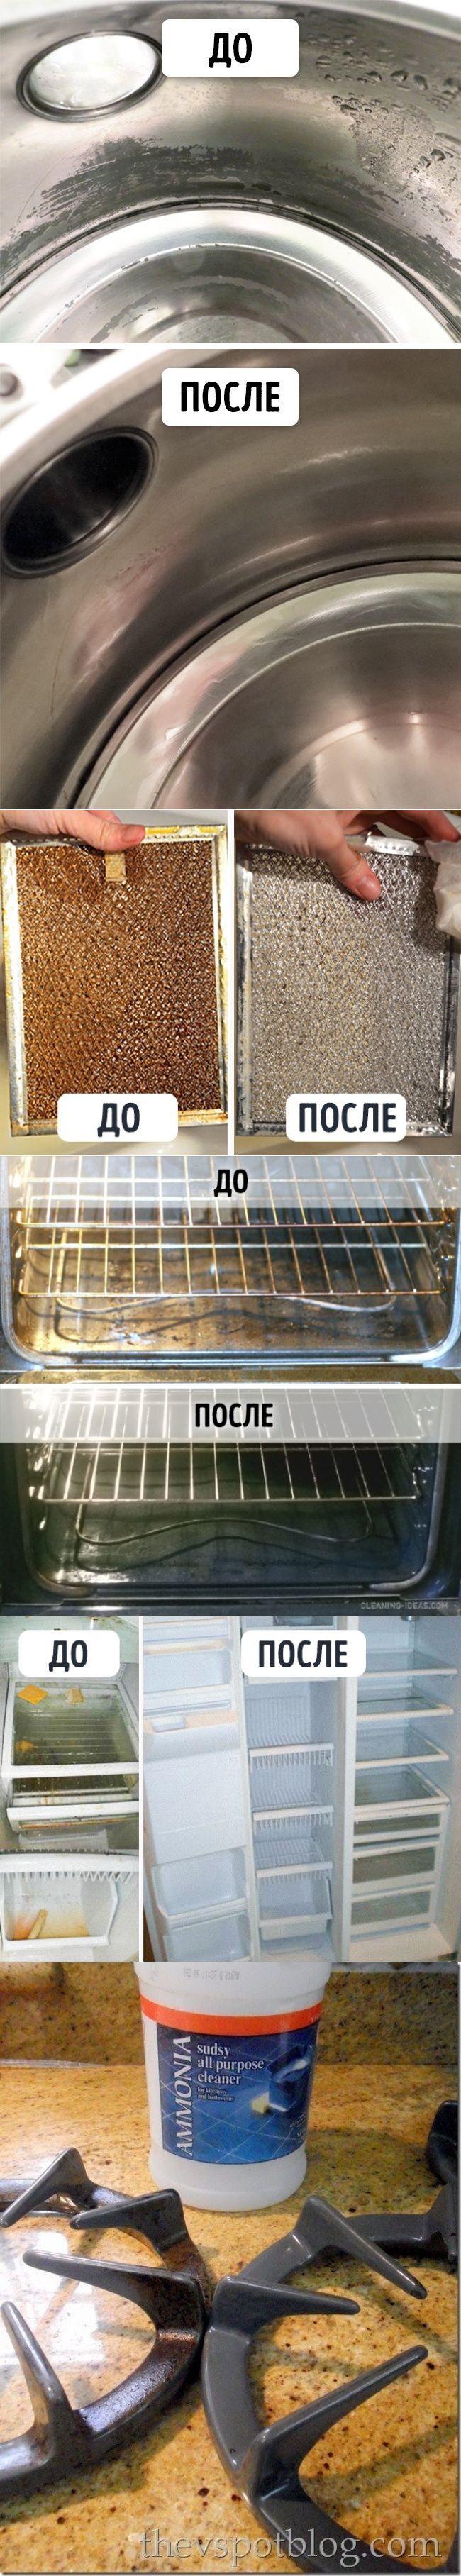 14 простых способов сделать вашу кухню чище. https://ru.pinterest.com/